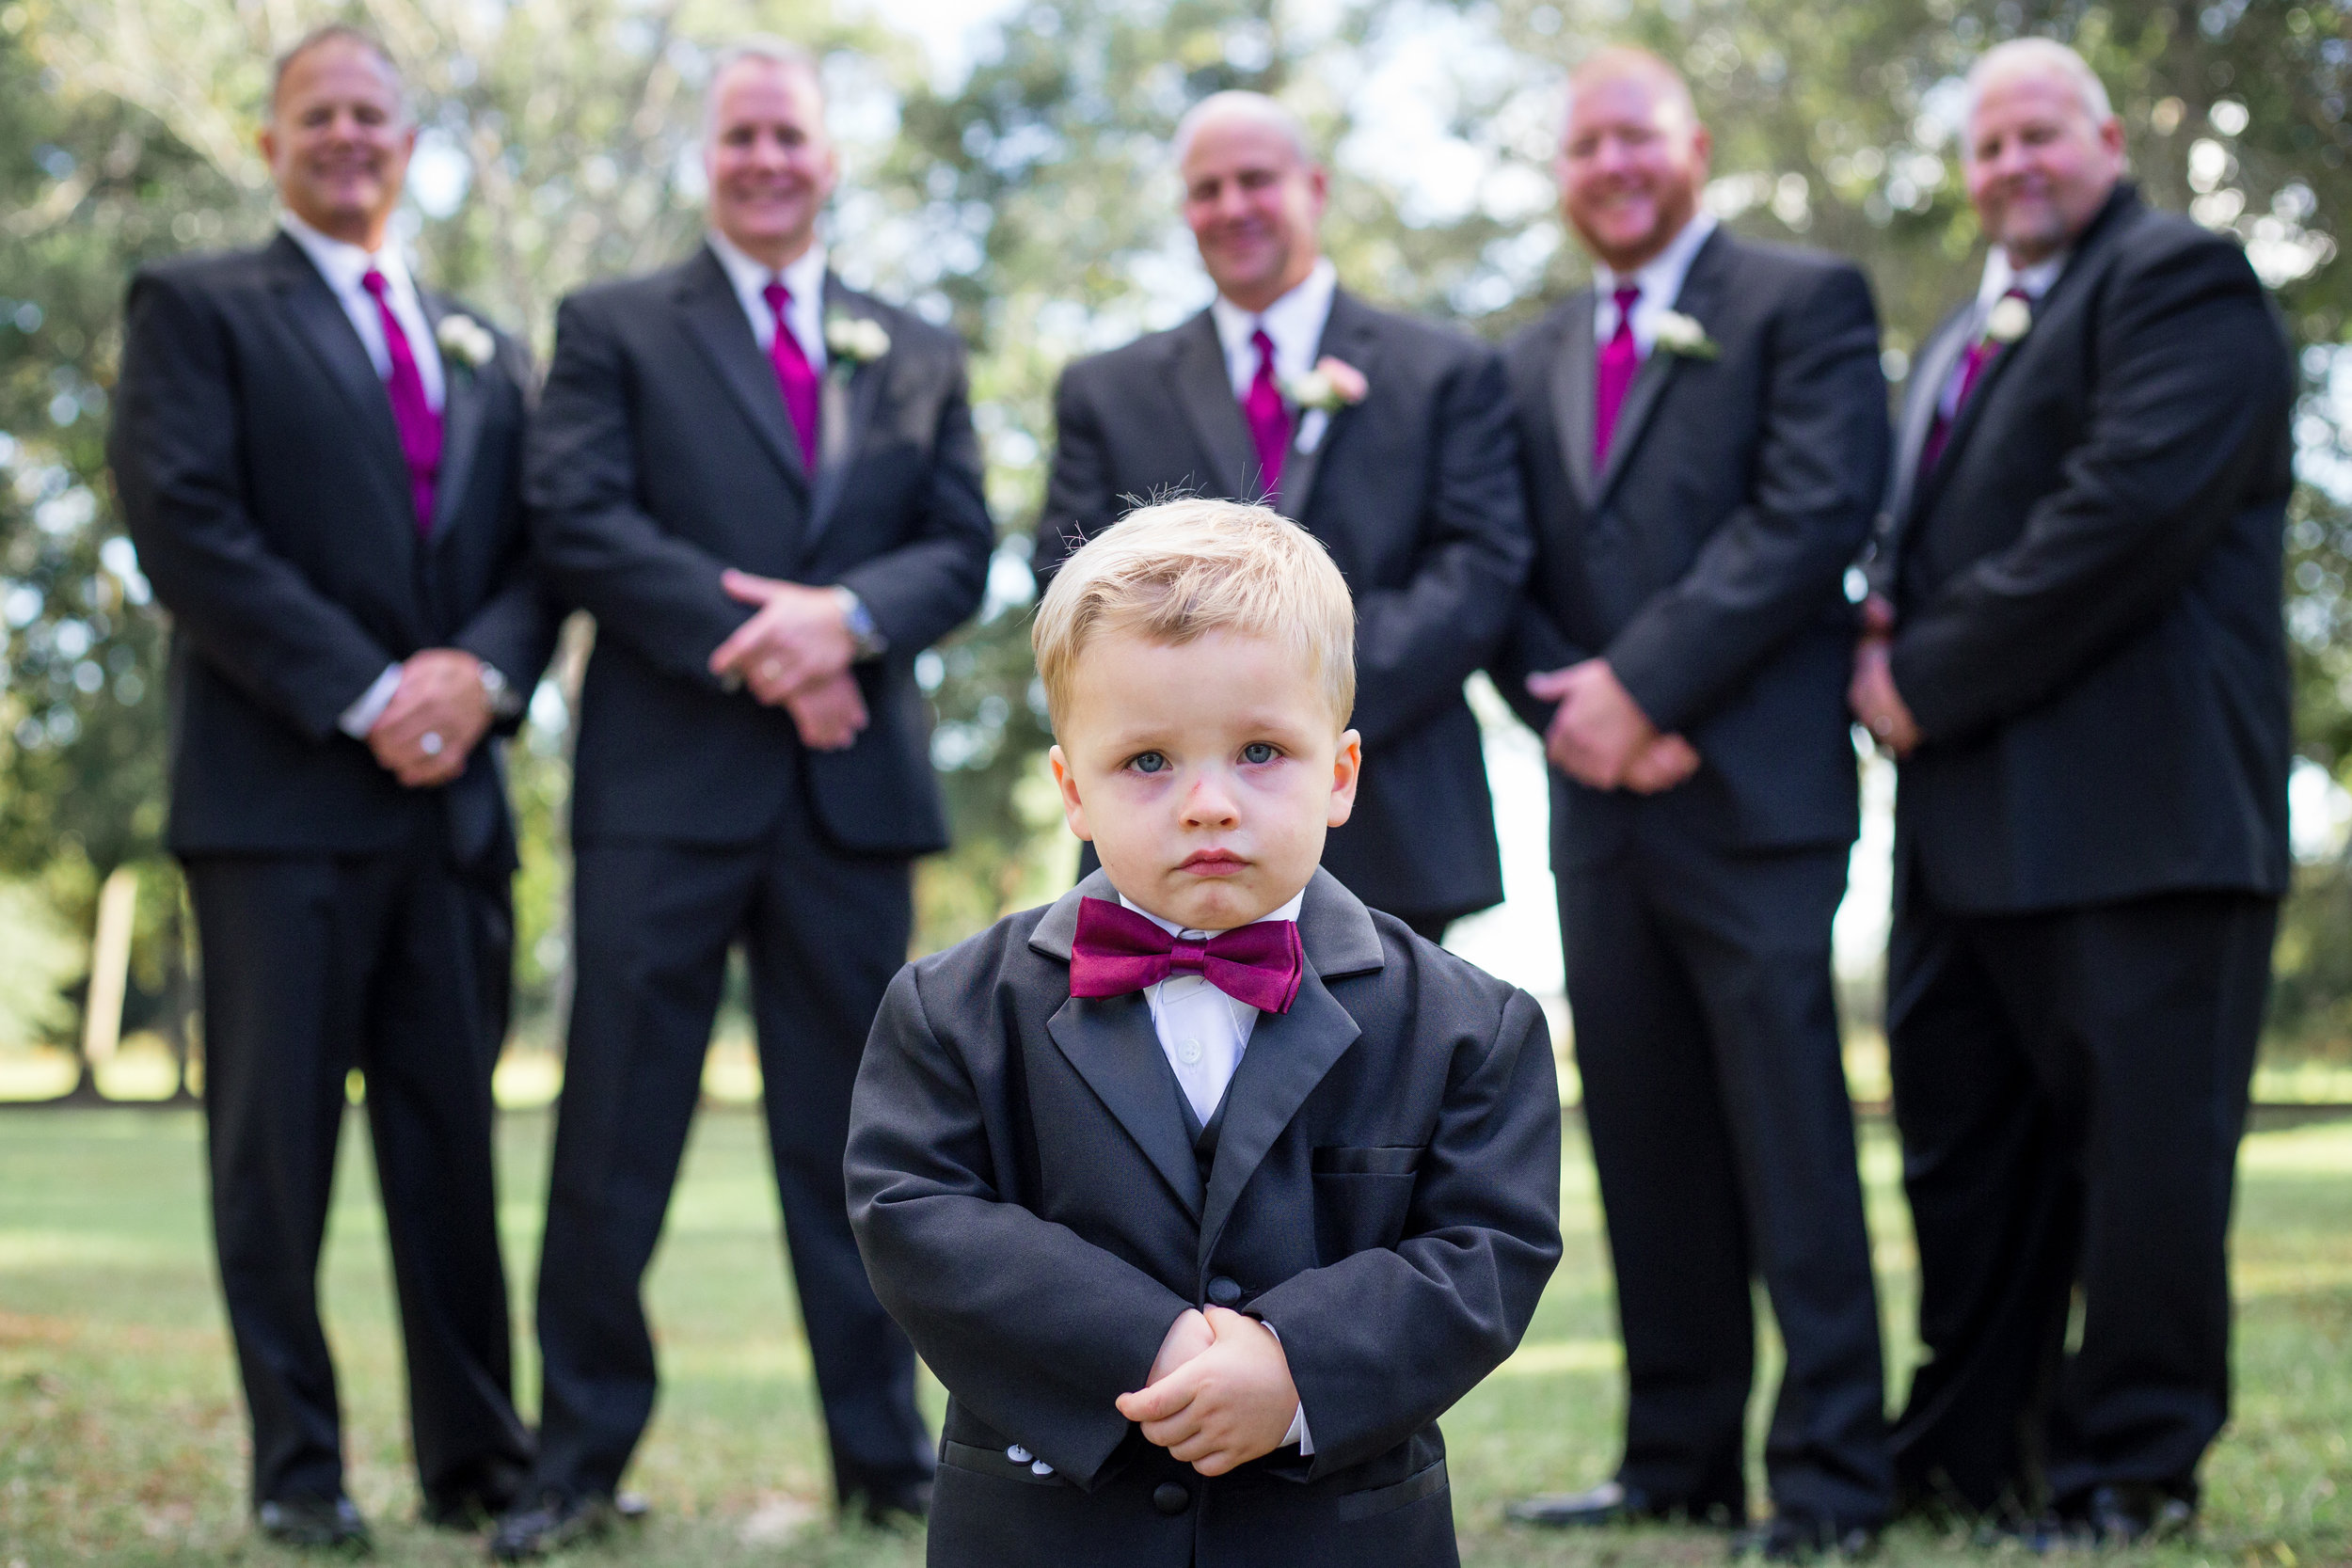 Barn-Wedding-Ates-Ranch-Wedding-Photo-Photography-Video-Videography-Pensacola-Florida-Courtney-Clint-22.jpg